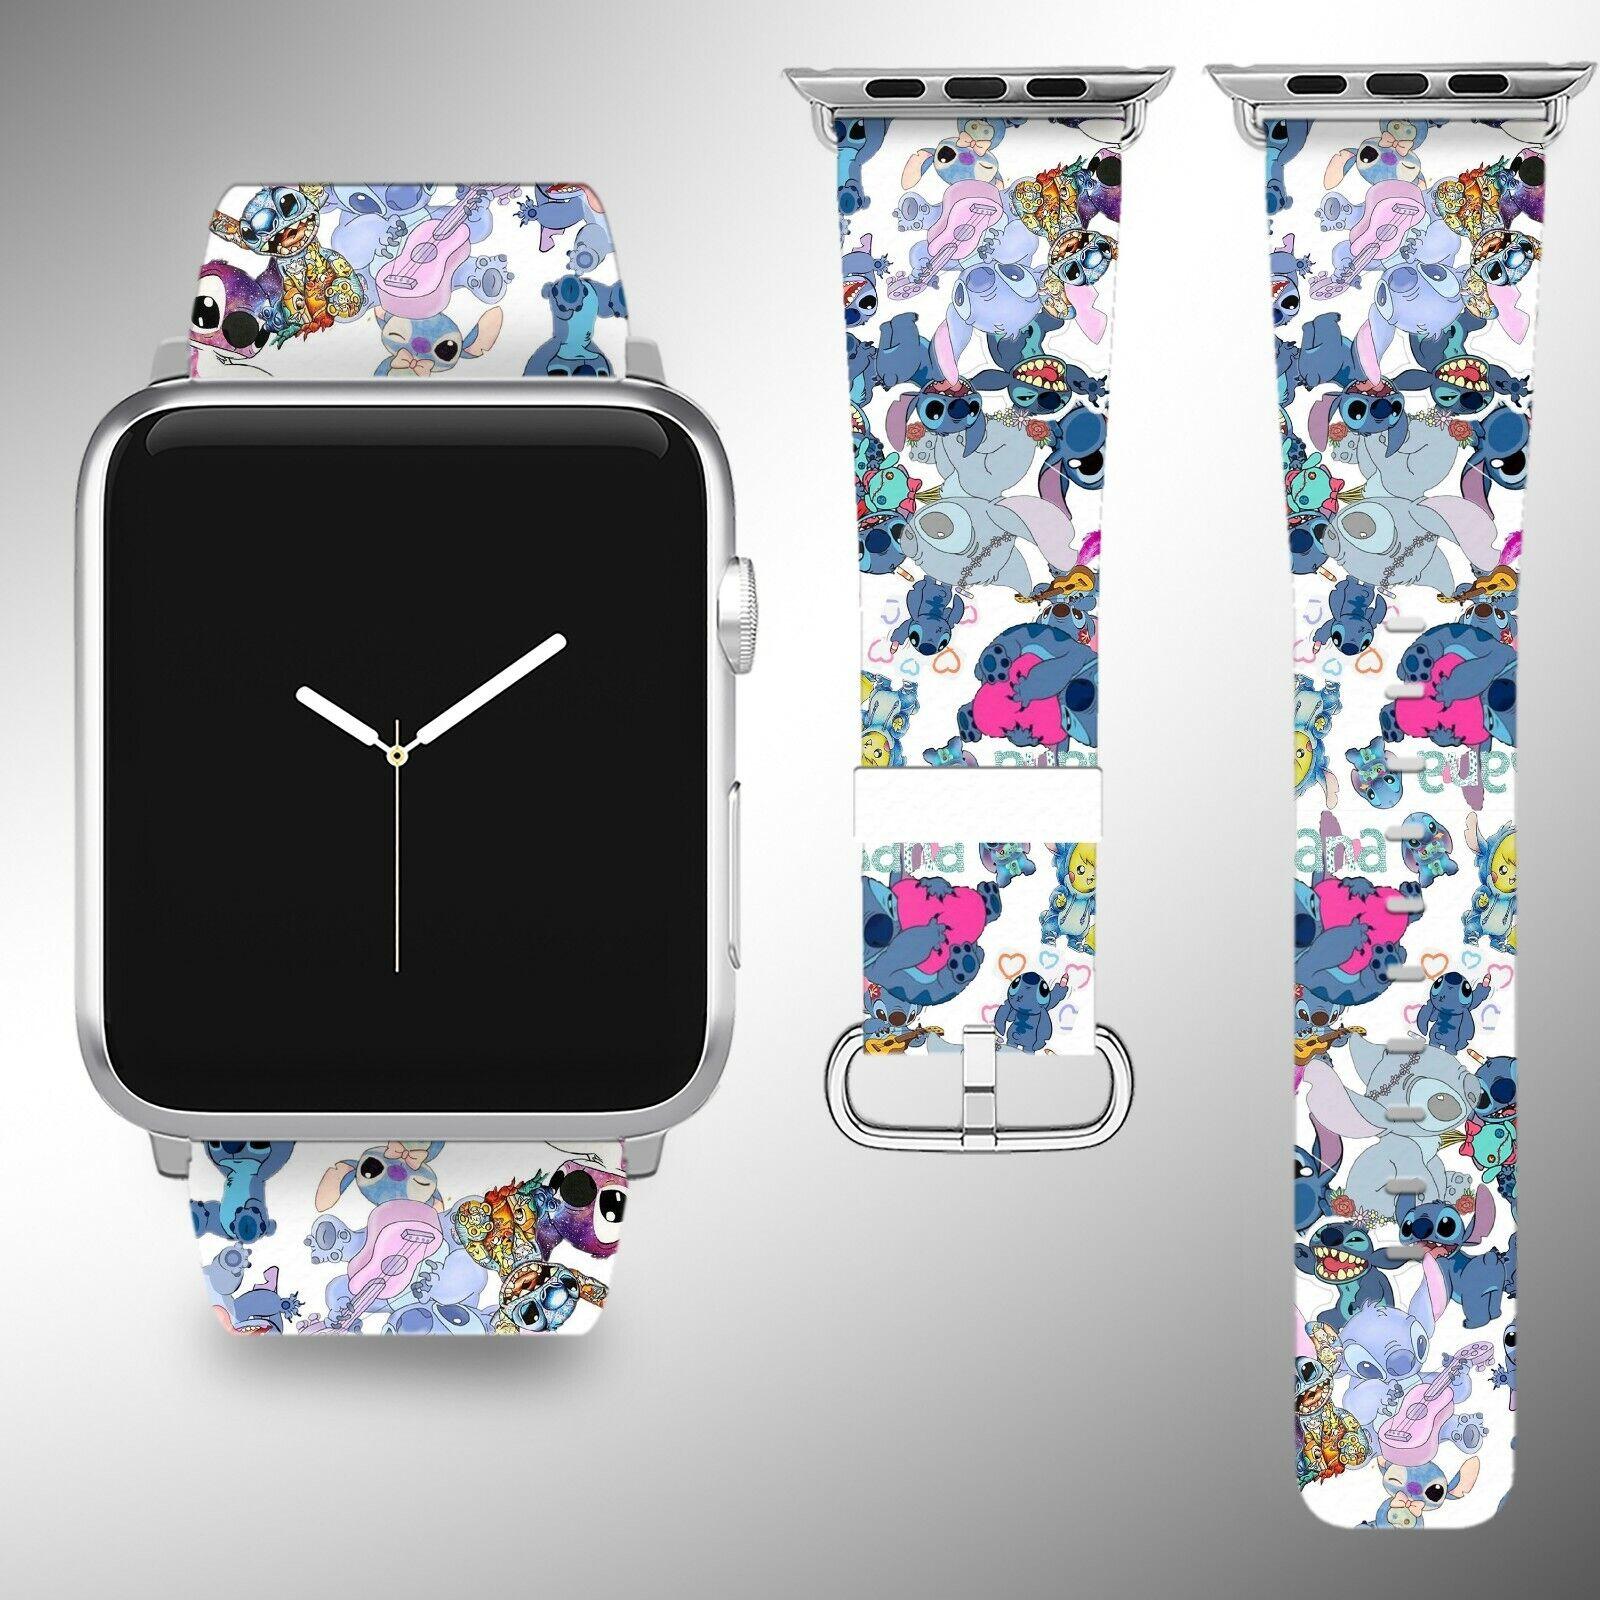 iwatch: Lilo & Stitch Apple Watch Band 38 40 42 44 mm iWatch series 6 5 4 3 SE wristband